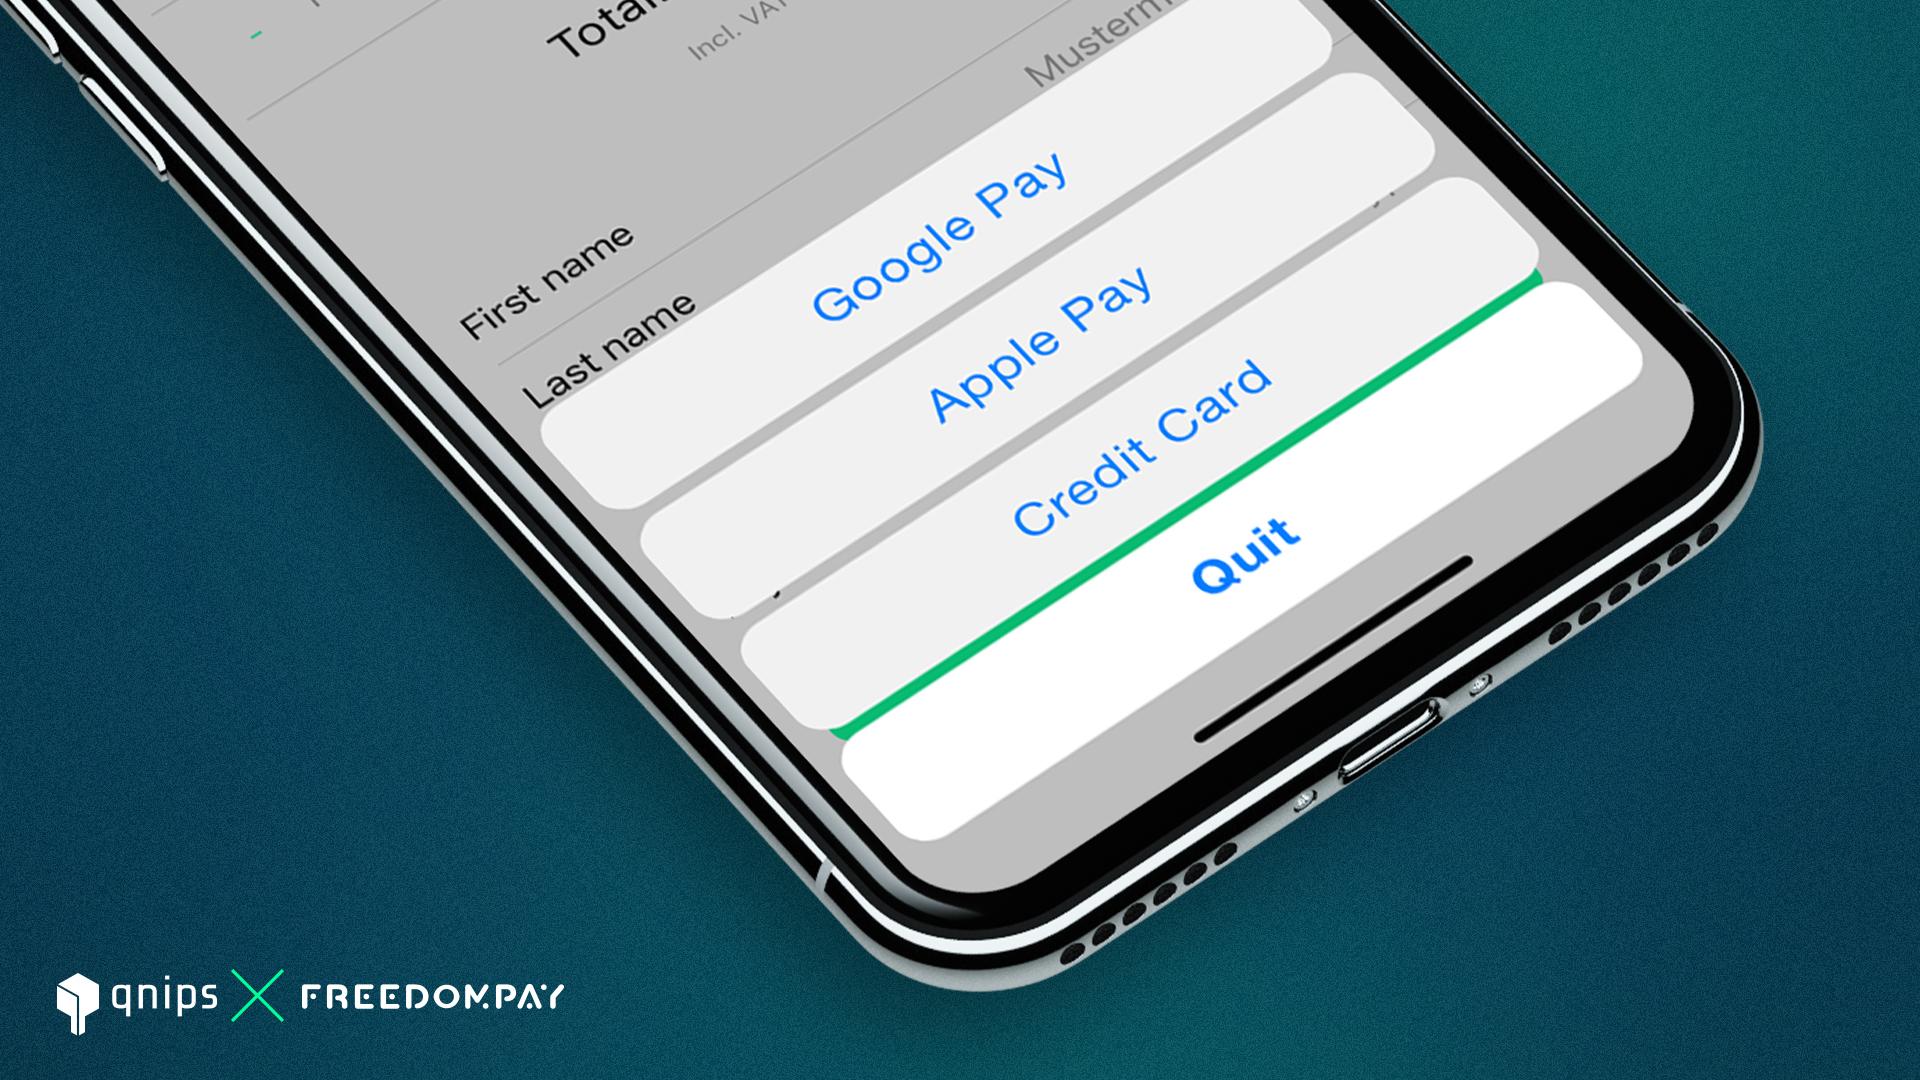 Die qnips Plattform ermöglicht Zahlungen sowohl für Google Pay, als auch für diverse Kreditkarten Anbieter.